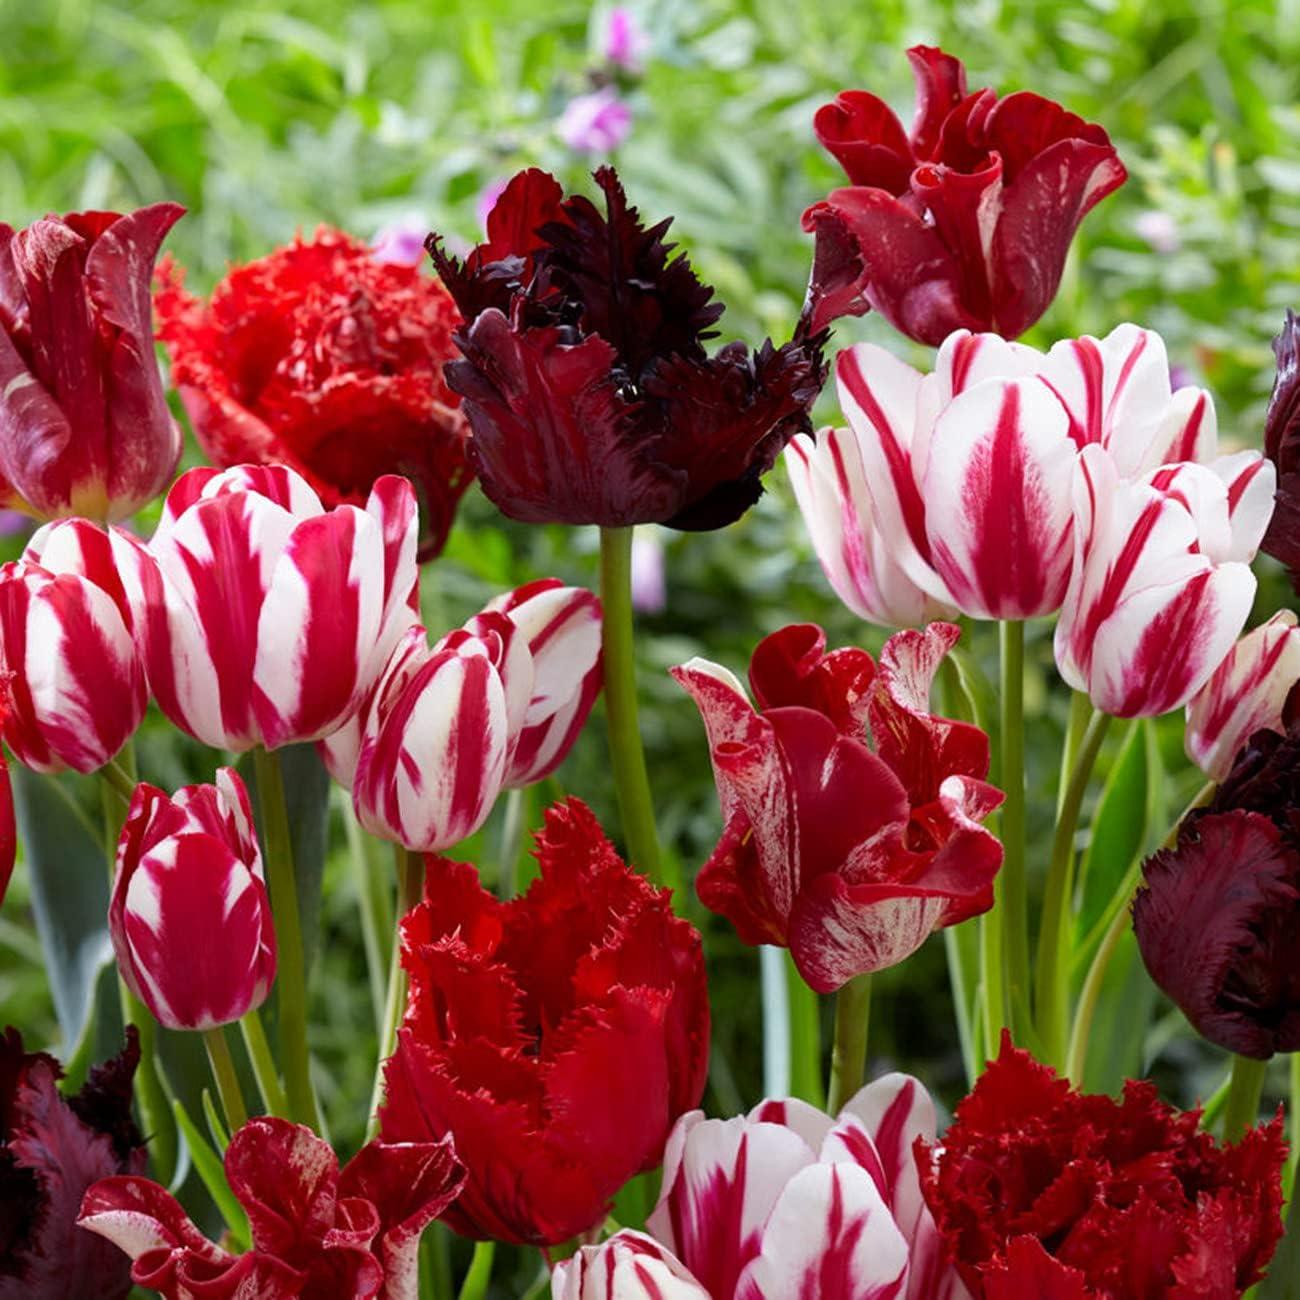 Van Zyverden 87377 Tulips Trust Rouge Candy 15 Flow of Bulbs Very popular! Blend Set